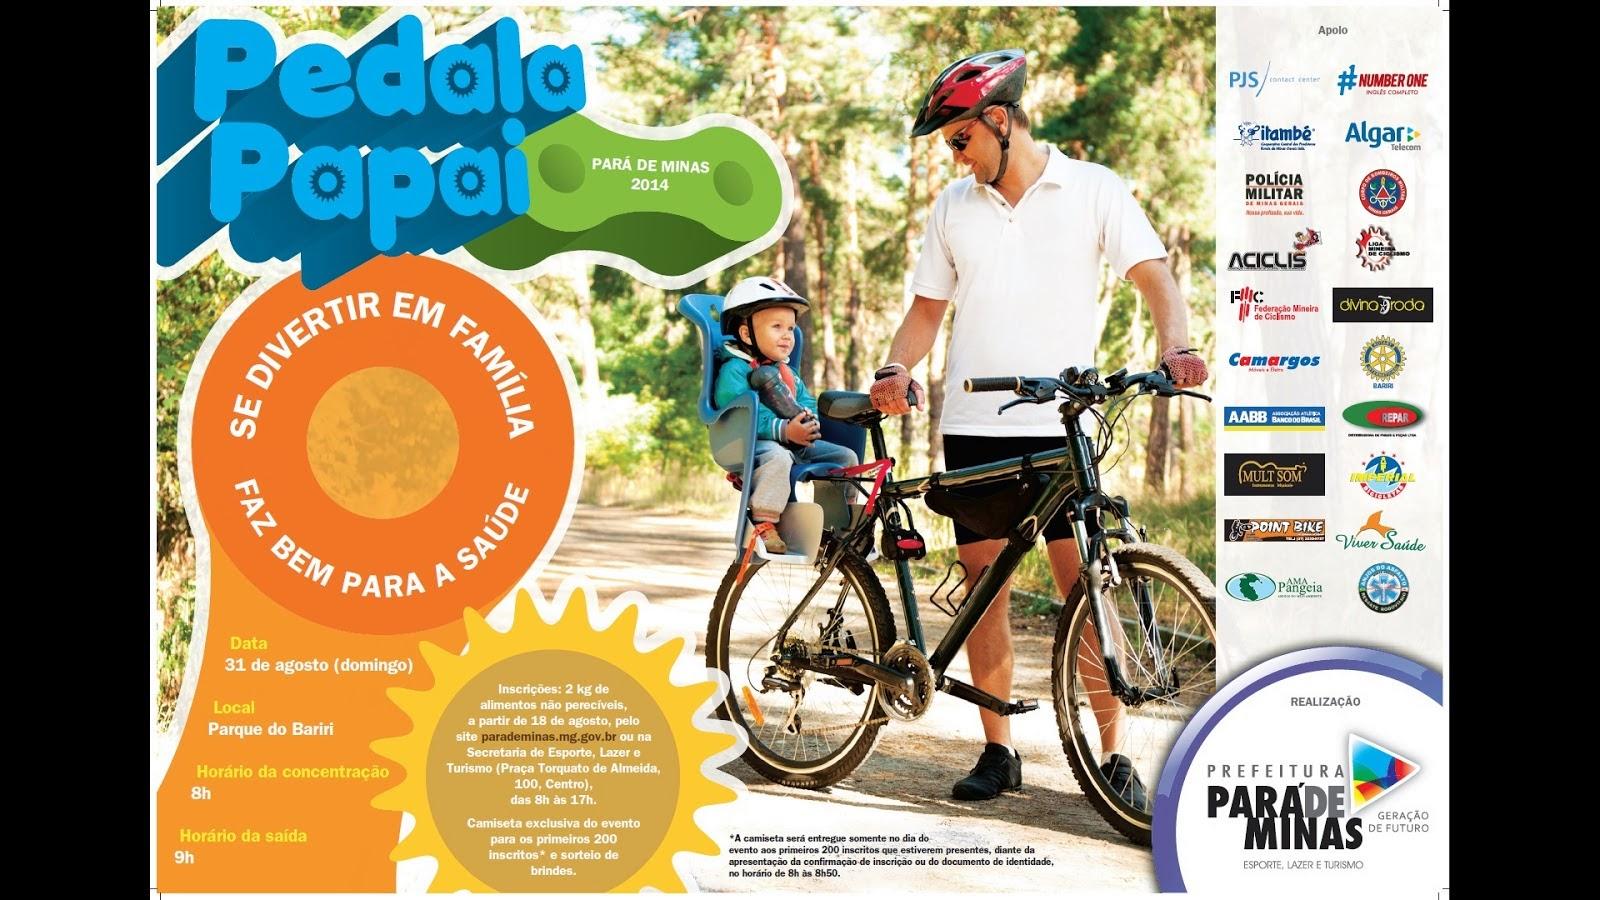 Passeio Ciclístico Pedala Papai 2014 - Pará de Minas - MG 31-08-2014